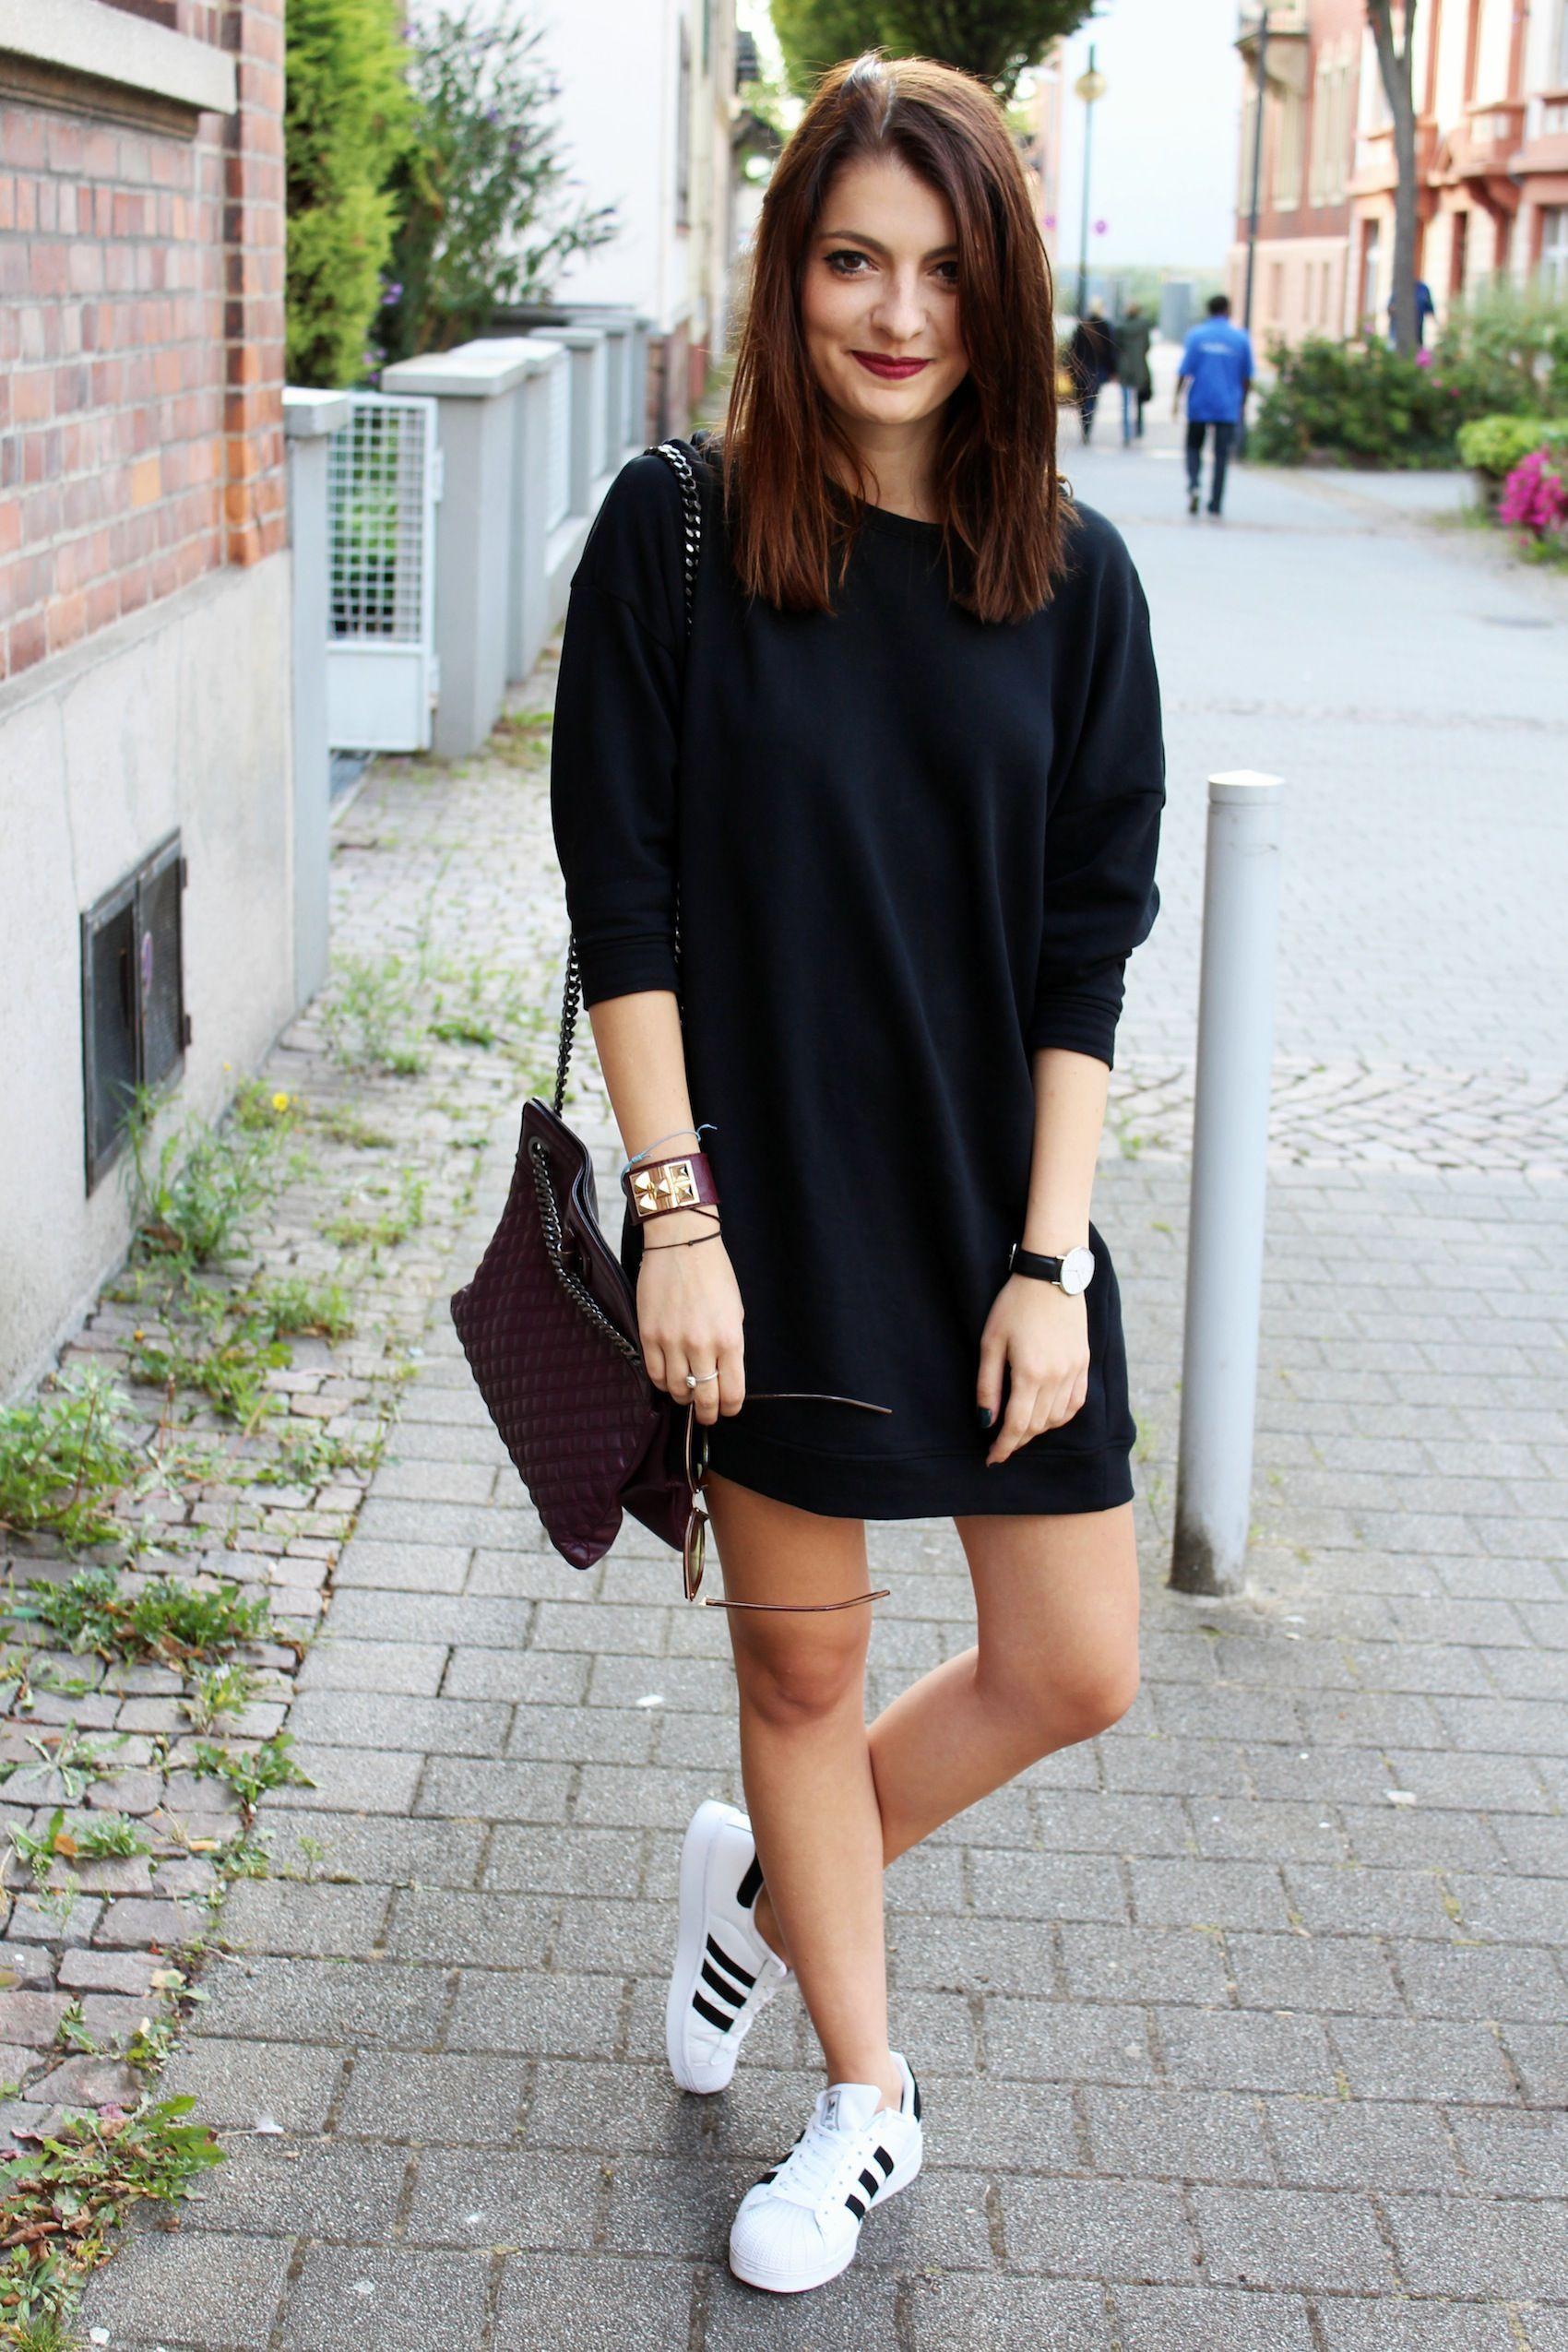 Vestidos negros con tenis adidas